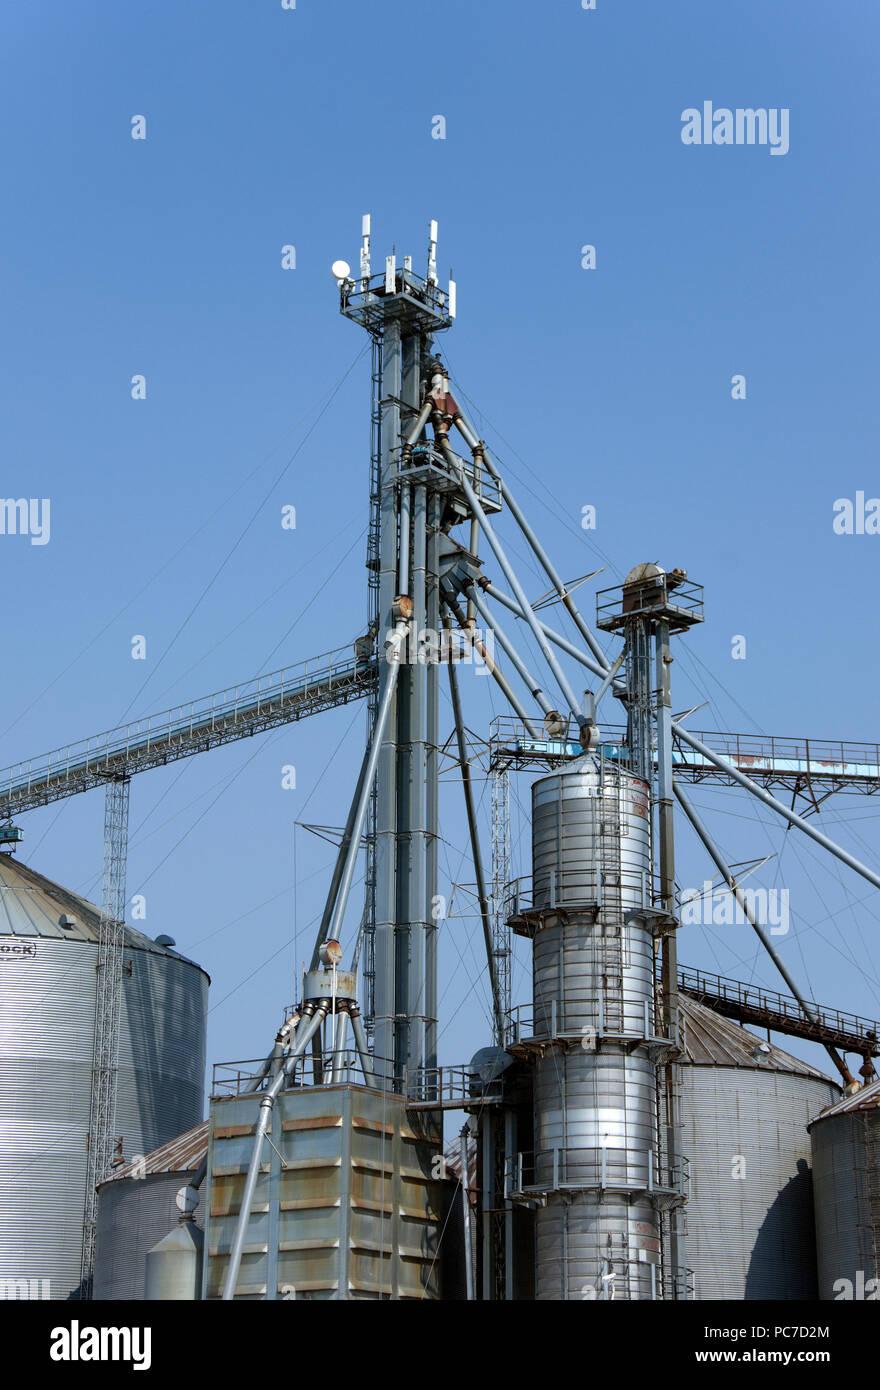 Kommunikation und Internet Breitband Antennen auf ländlichen Bauernhof kooperative Futtermittel und Getreide, Lagerung, Handhabung, Klimaanlage, Tower, Whitelaw, WI Stockbild